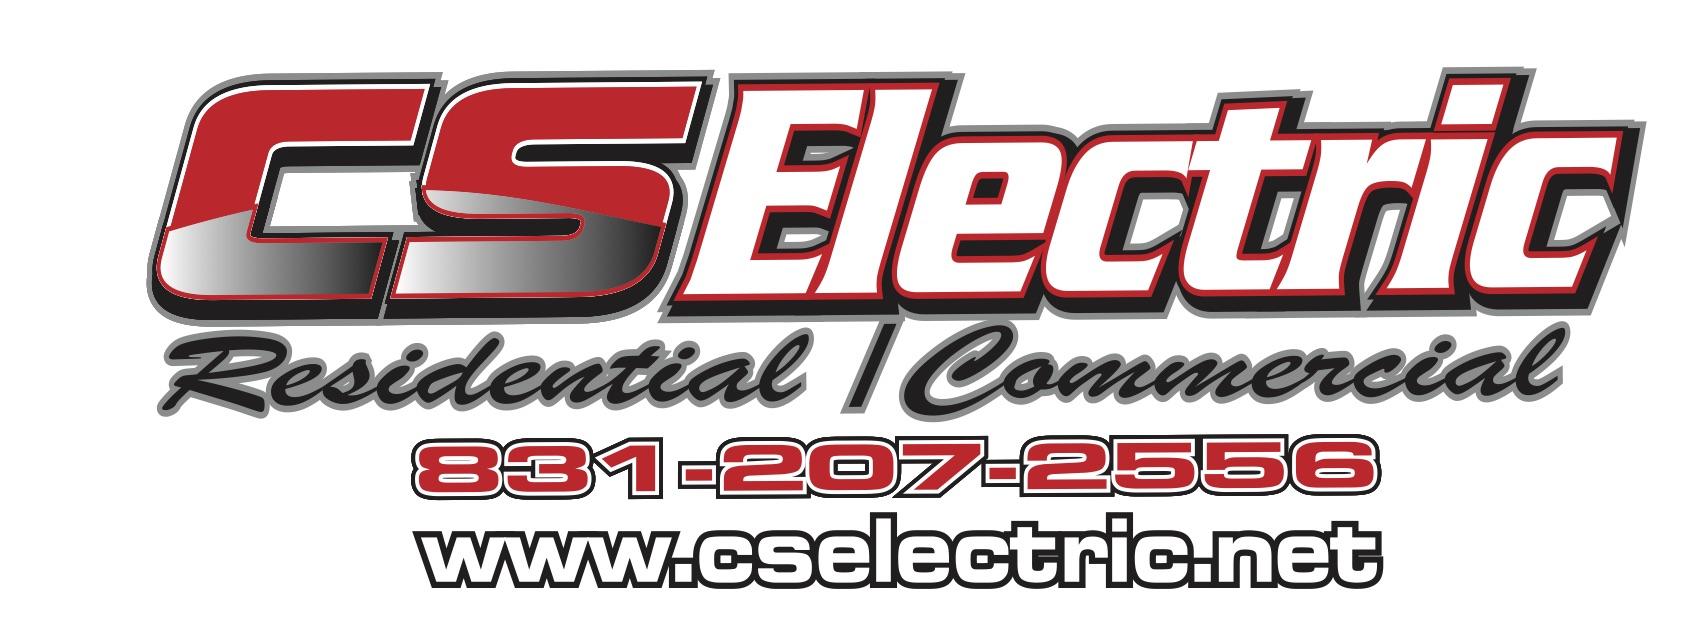 CS Electric Logo.jpg